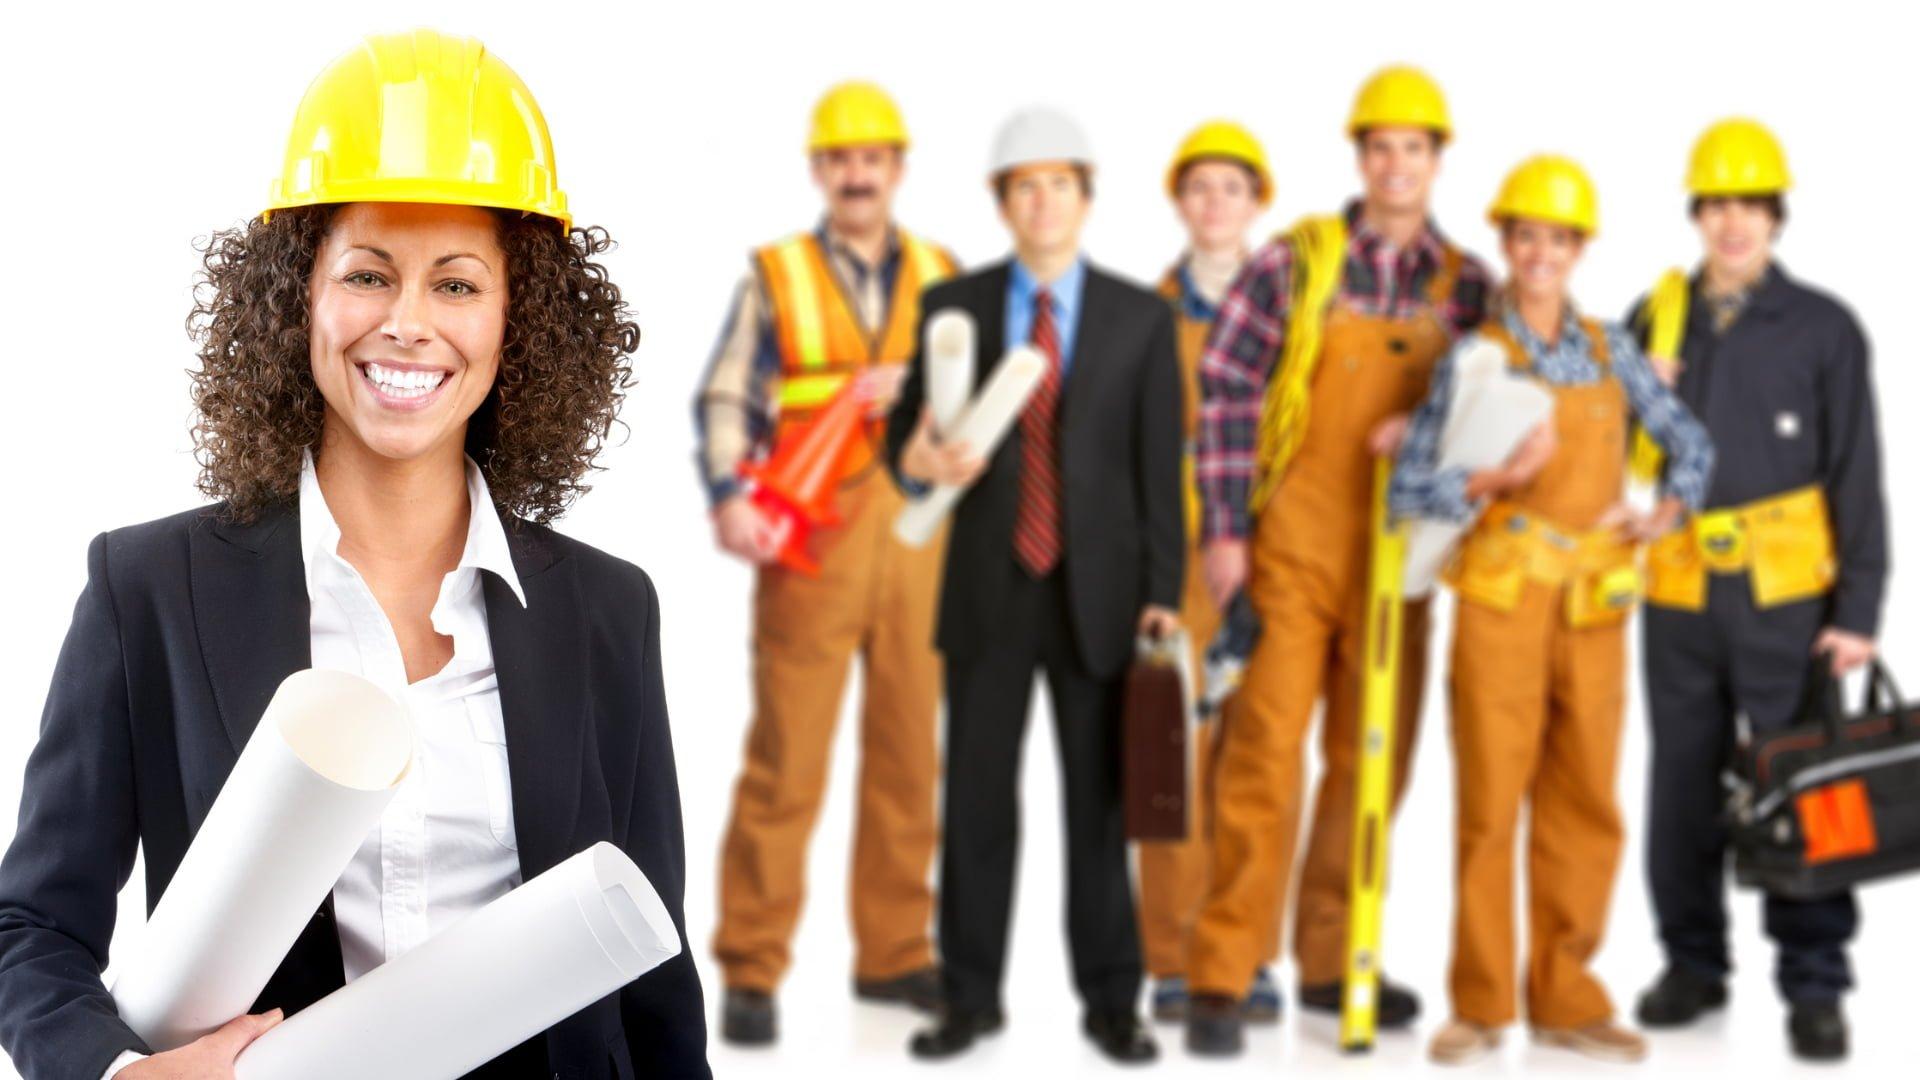 İş Sağlığı ve Güvenliği Uzmanı olmak istiyorum